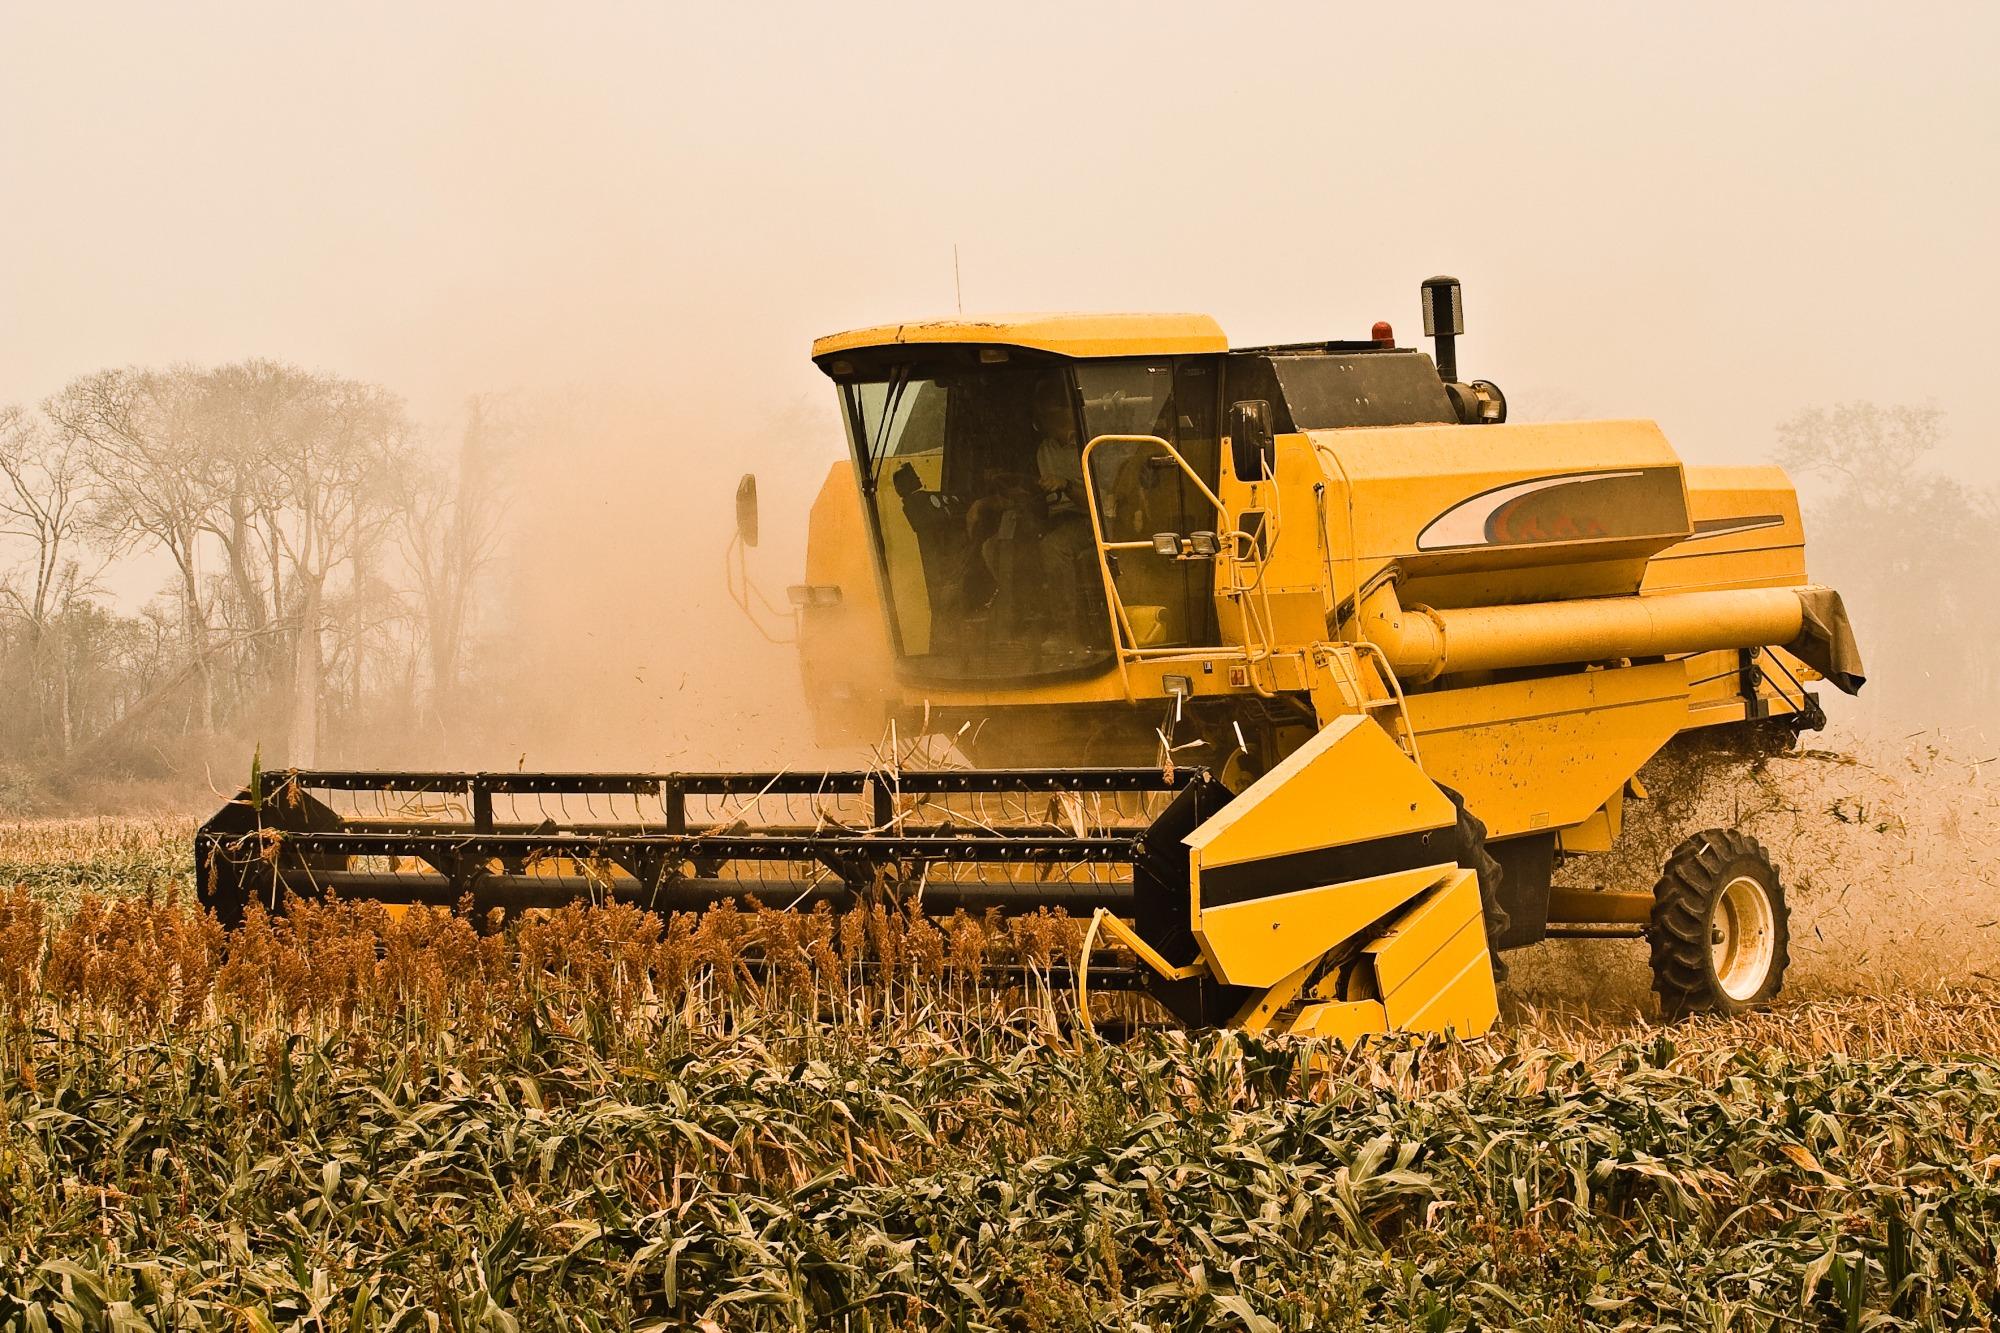 Faturamento da agropecuária cresce 1,7% acima da inflação